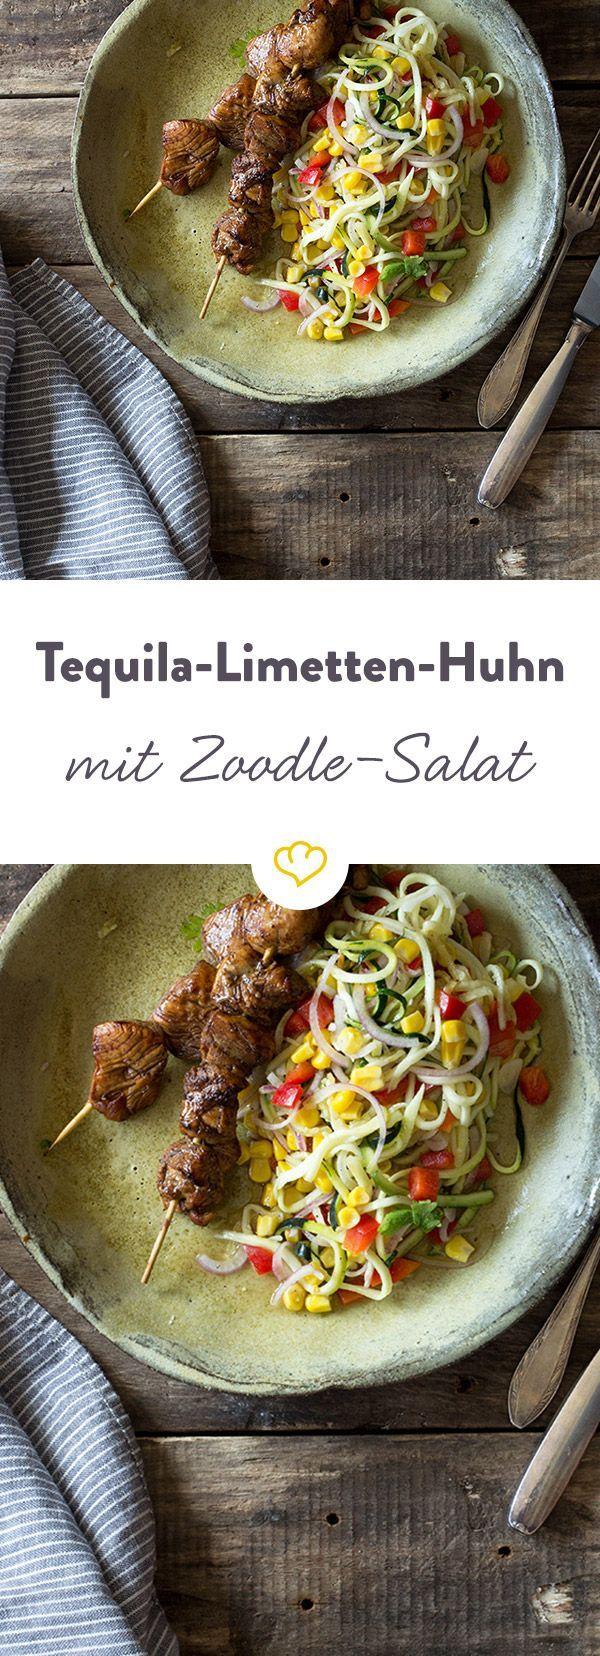 Tequila-Hähnchen kombiniert mit einem Salat aus süßlichem Mais, milder Zucchini und frischem Koriander schmeckt man förmlich den Sommer.